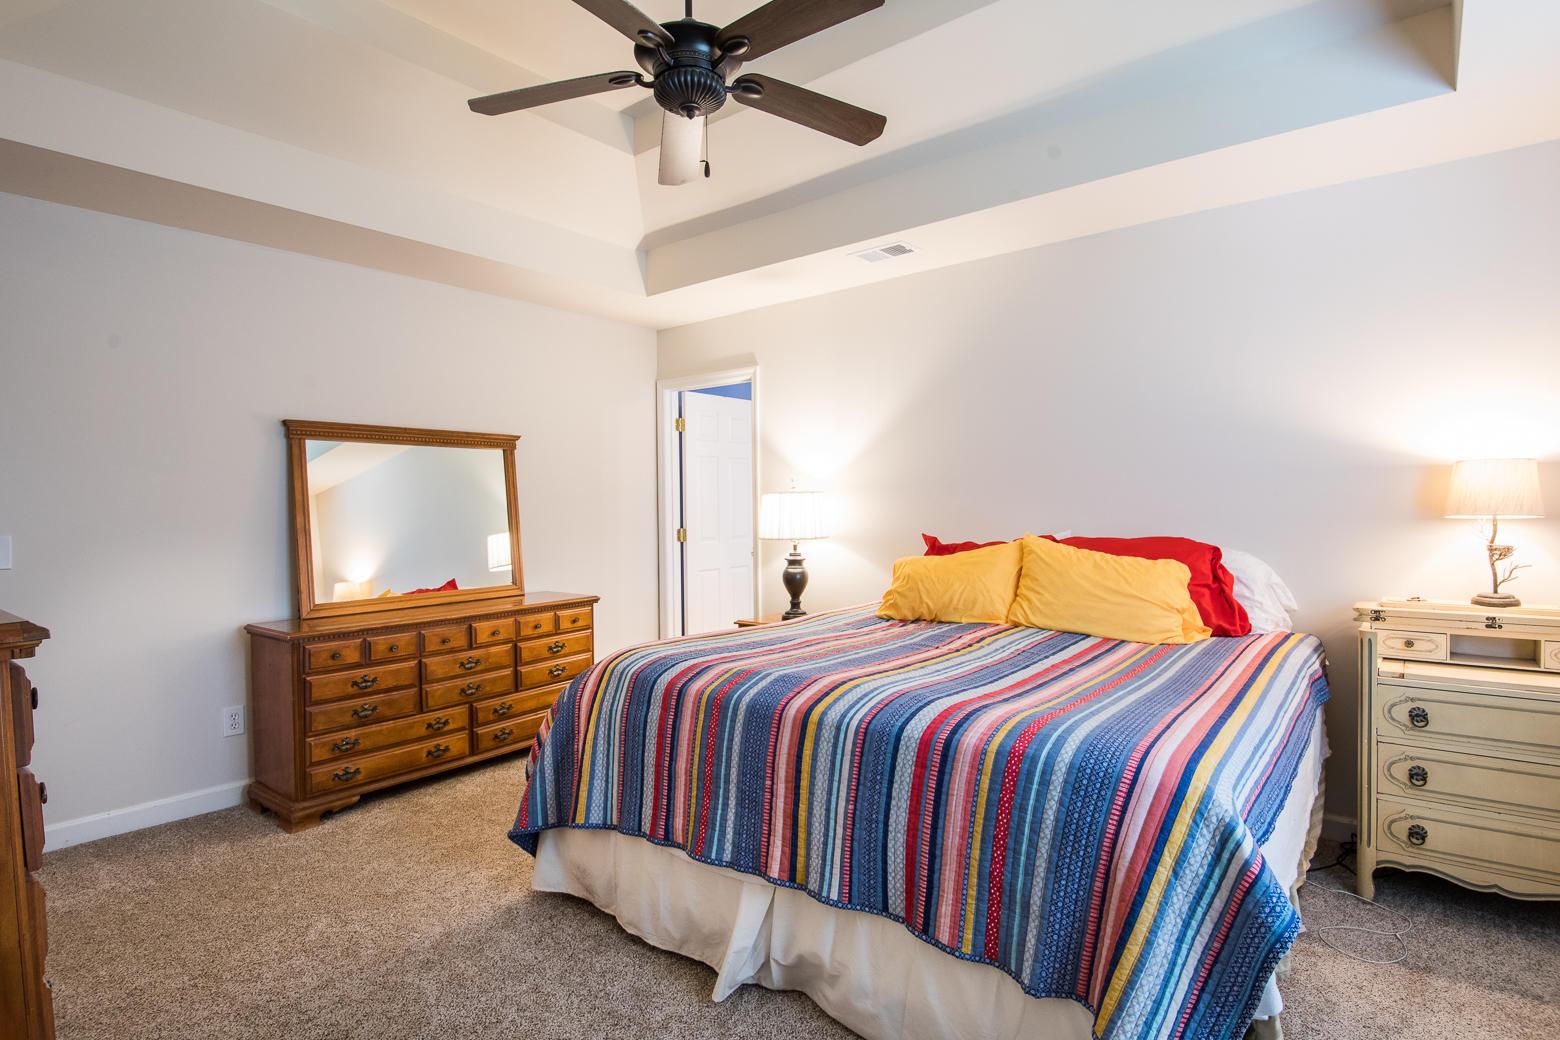 Dunes West Homes For Sale - 1111 Black Rush, Mount Pleasant, SC - 42